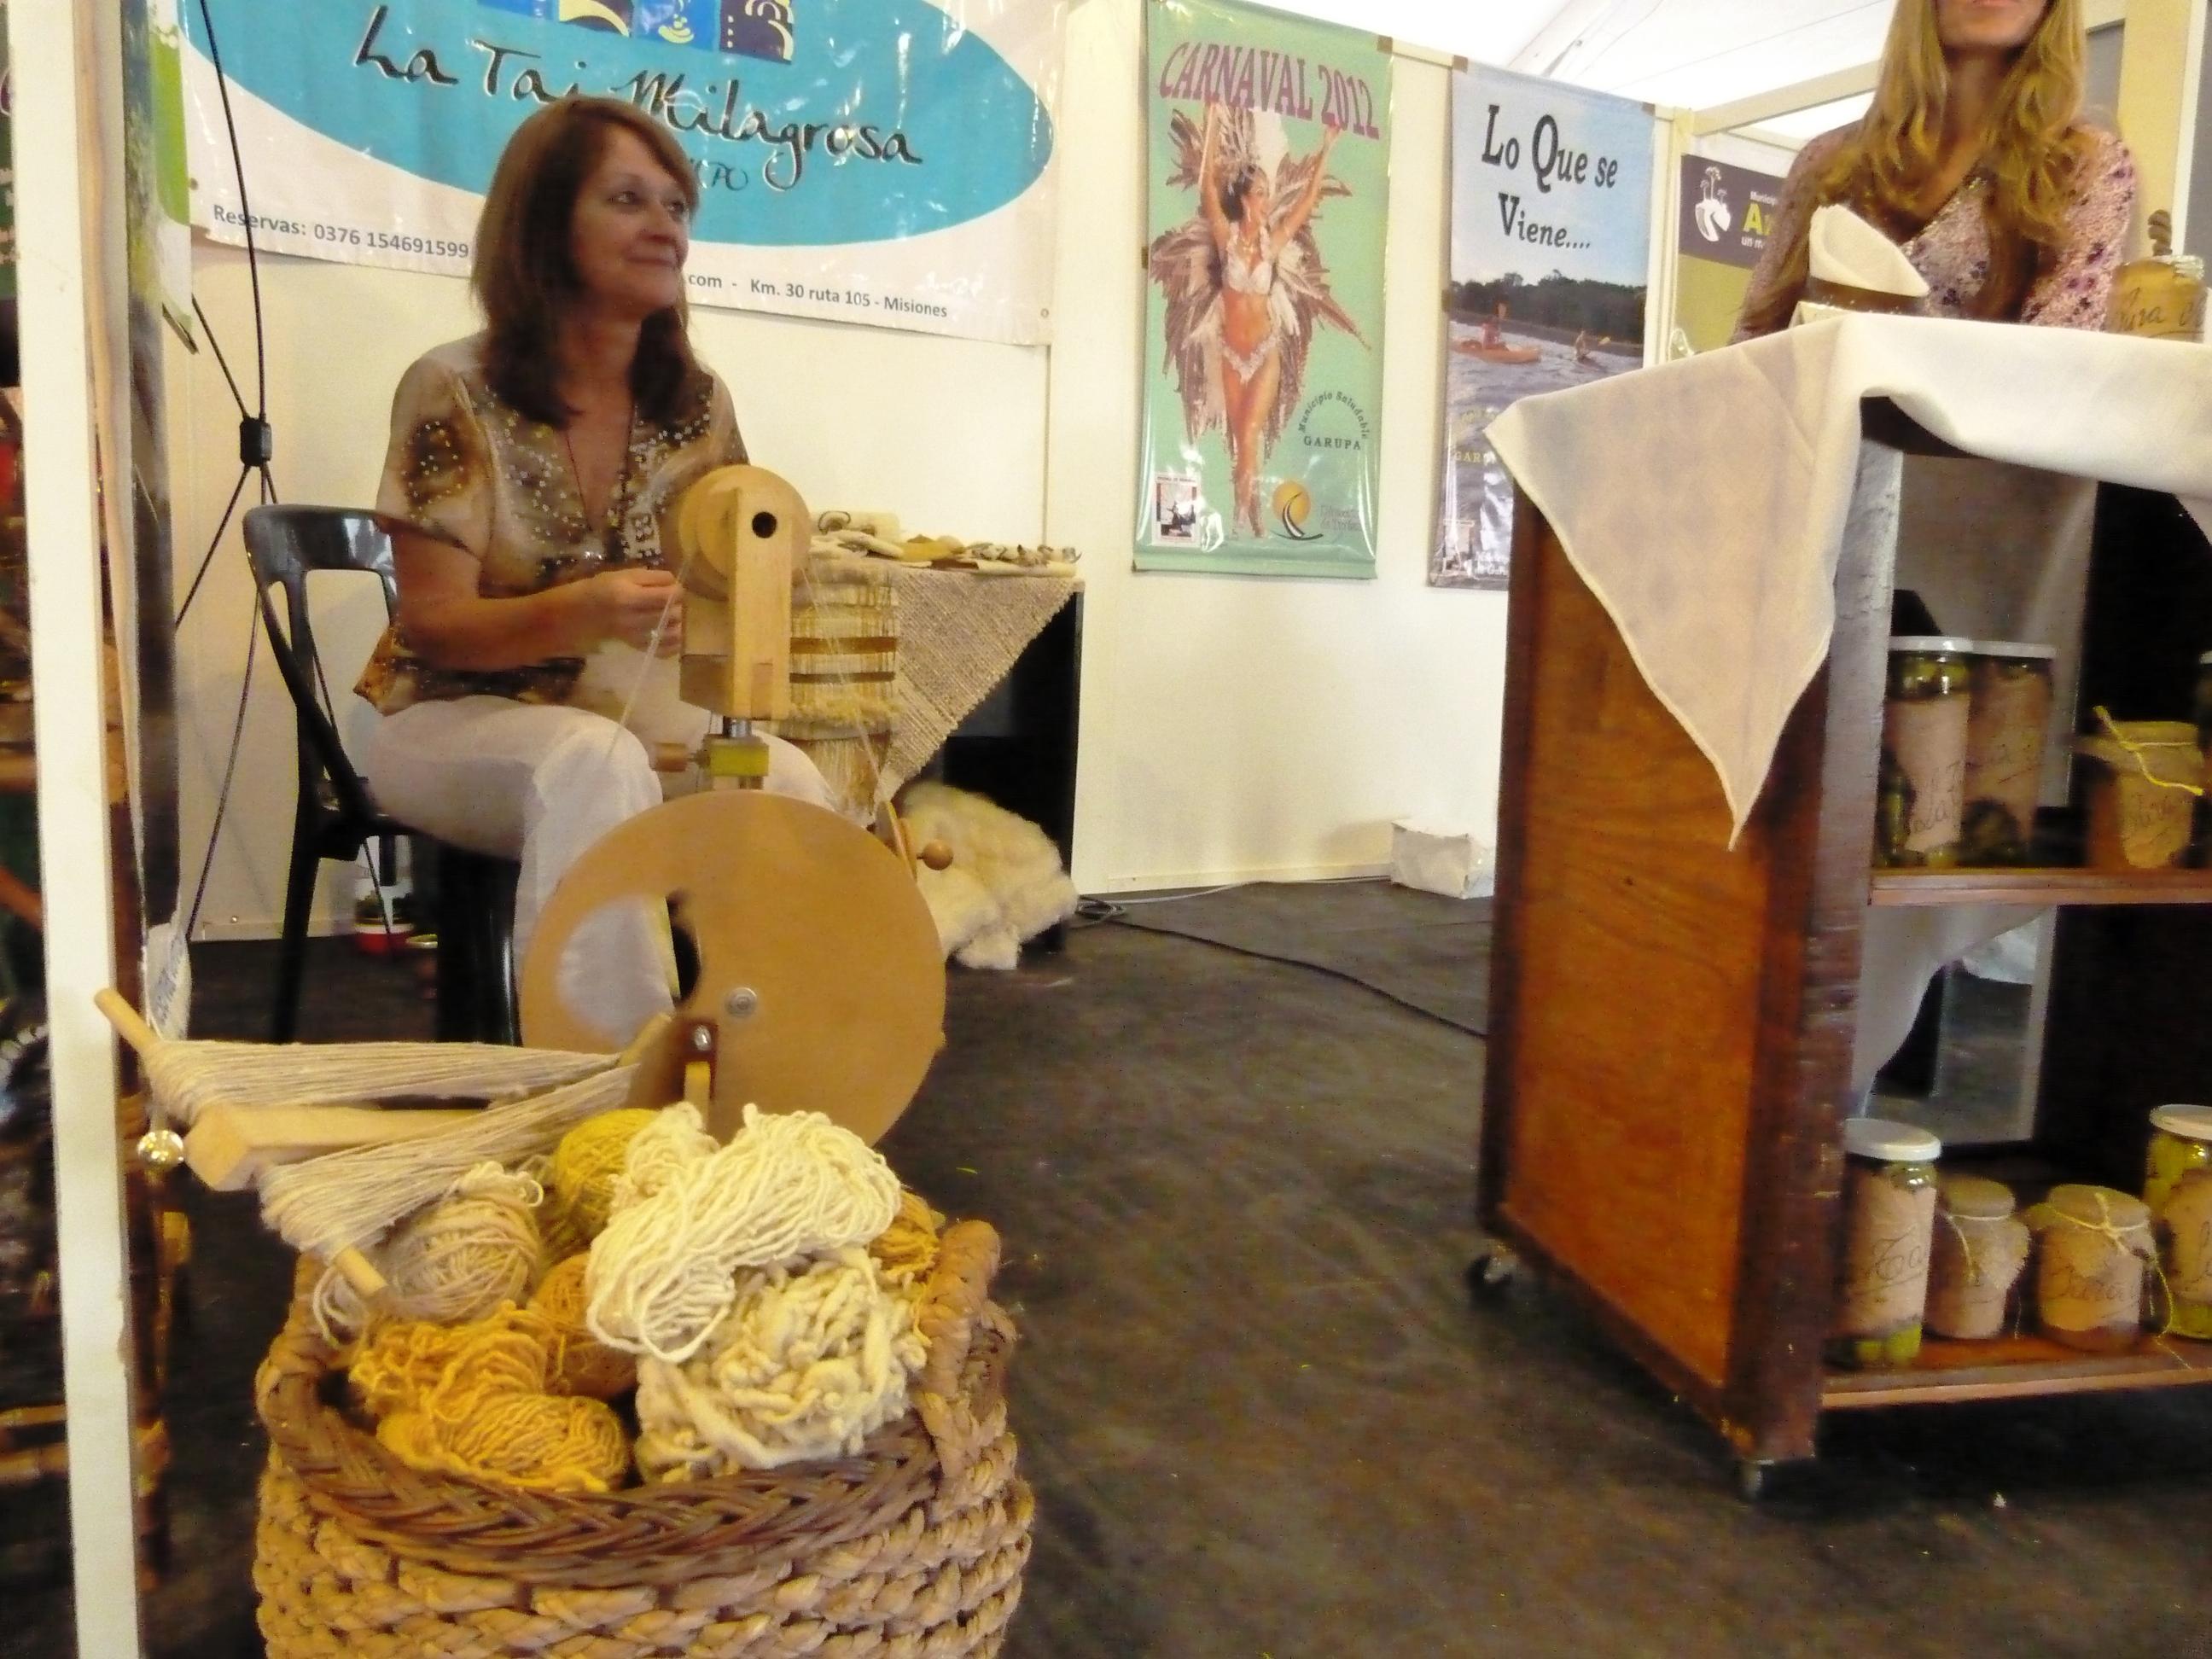 María Millán hila lana de oveja en forma manual con una rueca.